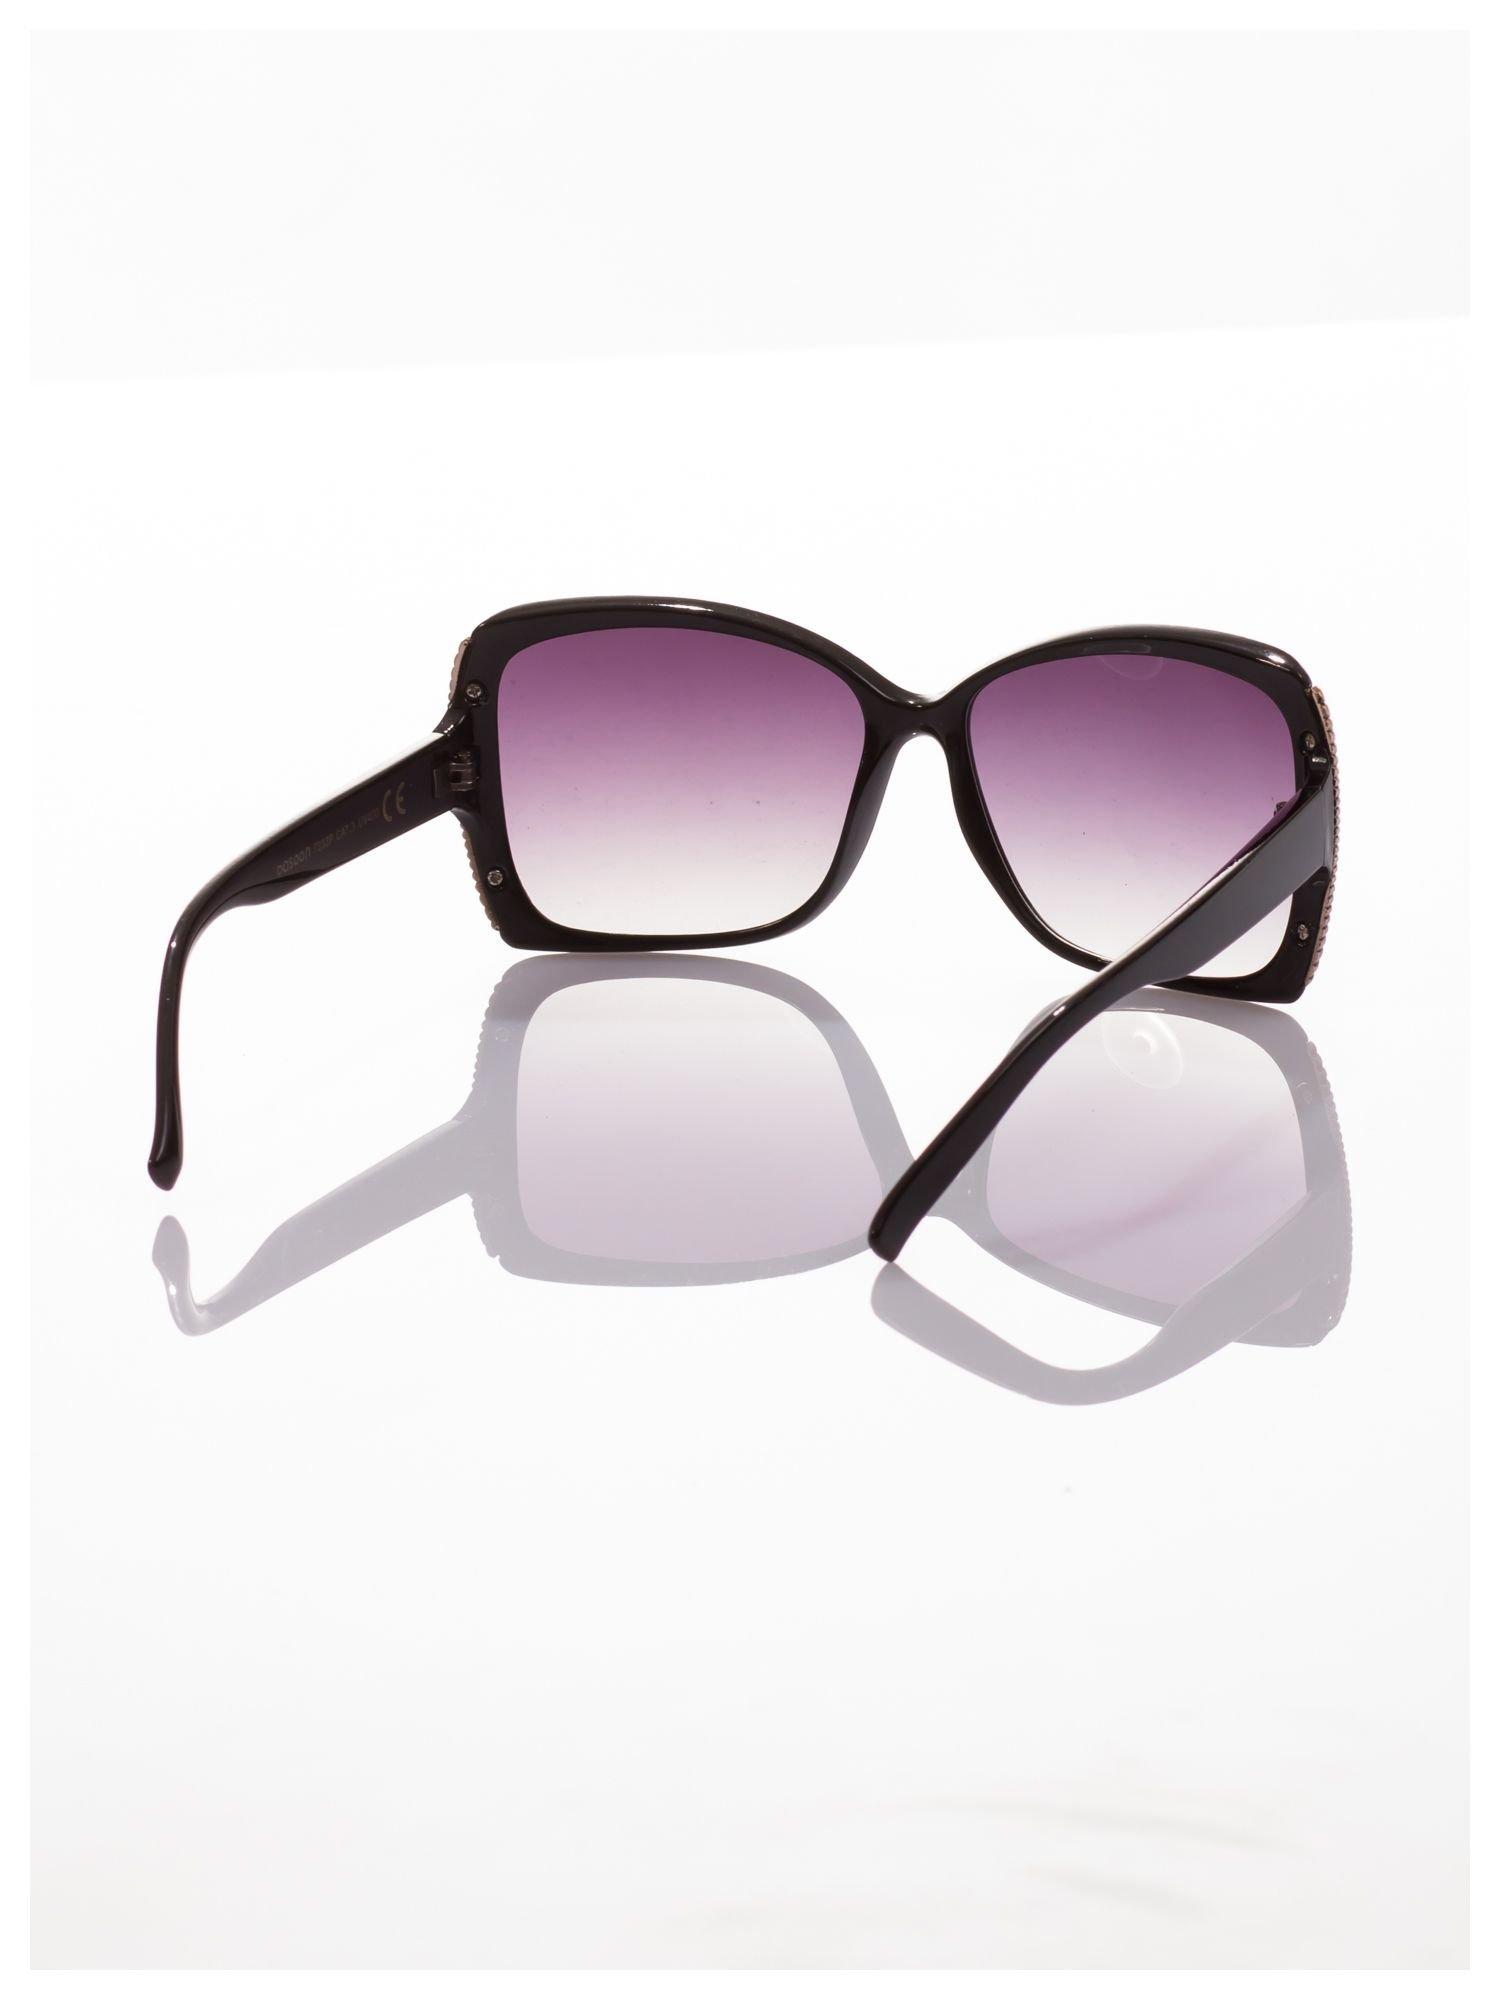 Eleganckie czarne okulary przeciwsłoneczne stylizowane na GUCCI ze srebrnymi bokami                                  zdj.                                  3